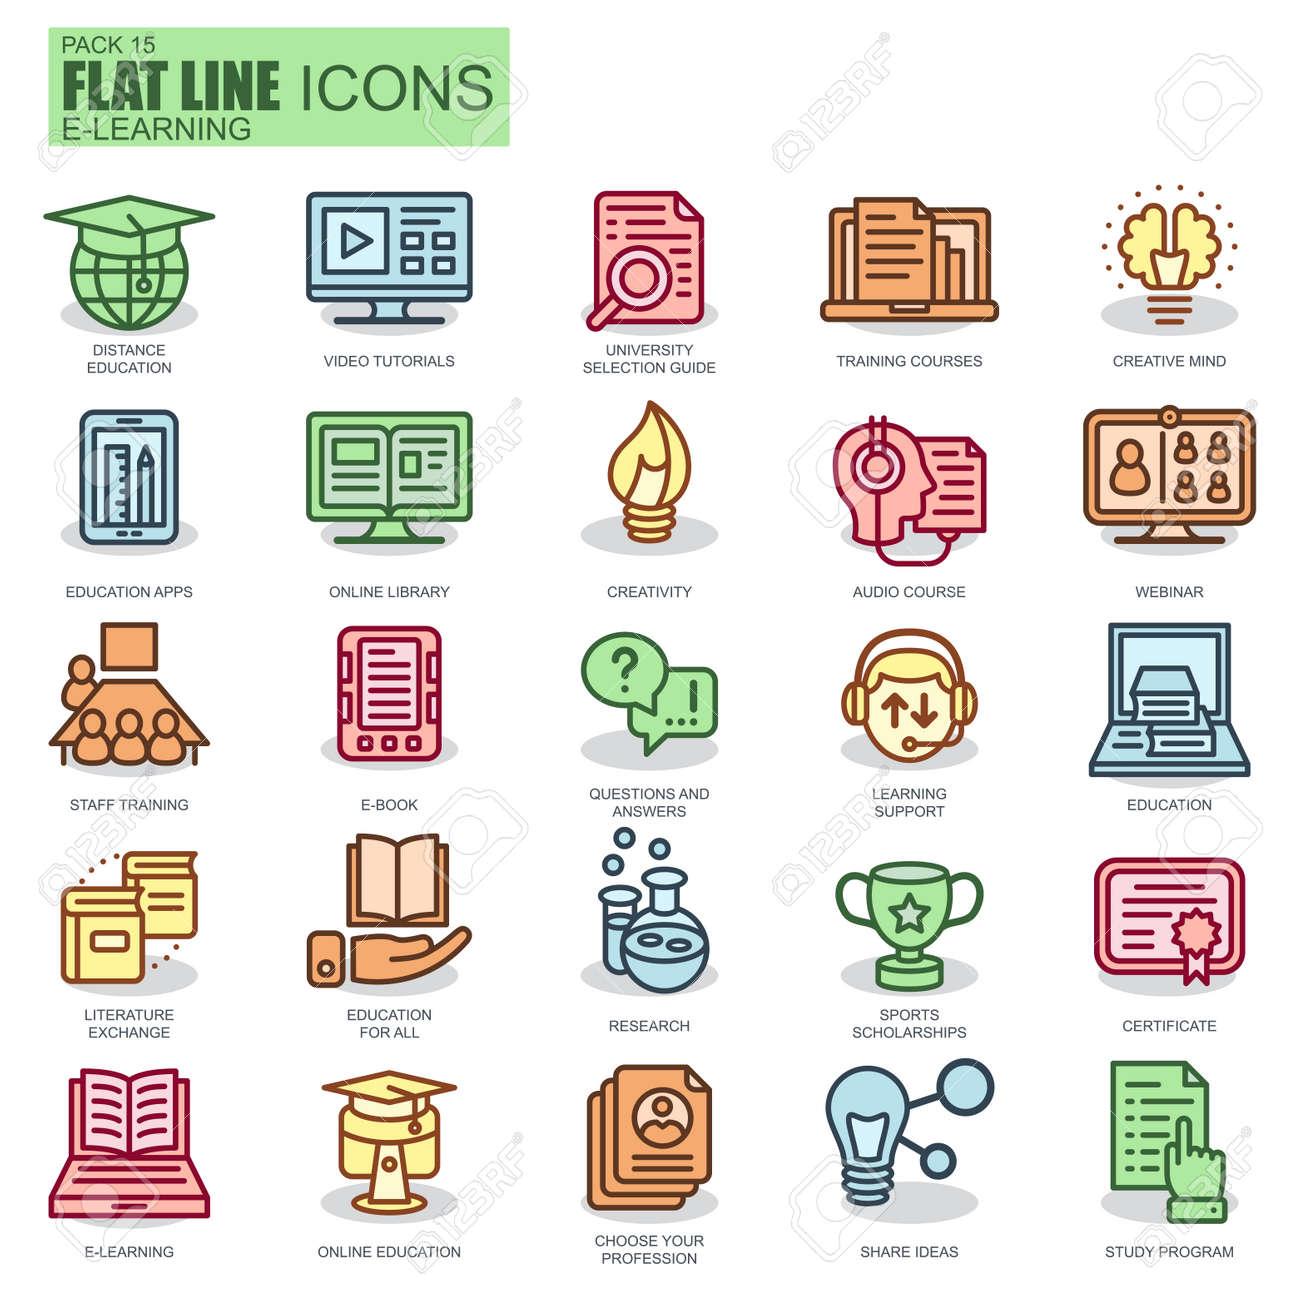 Dünne Linie Online-Bildung, E-Learning, E-Book Icons Für Website Und ...